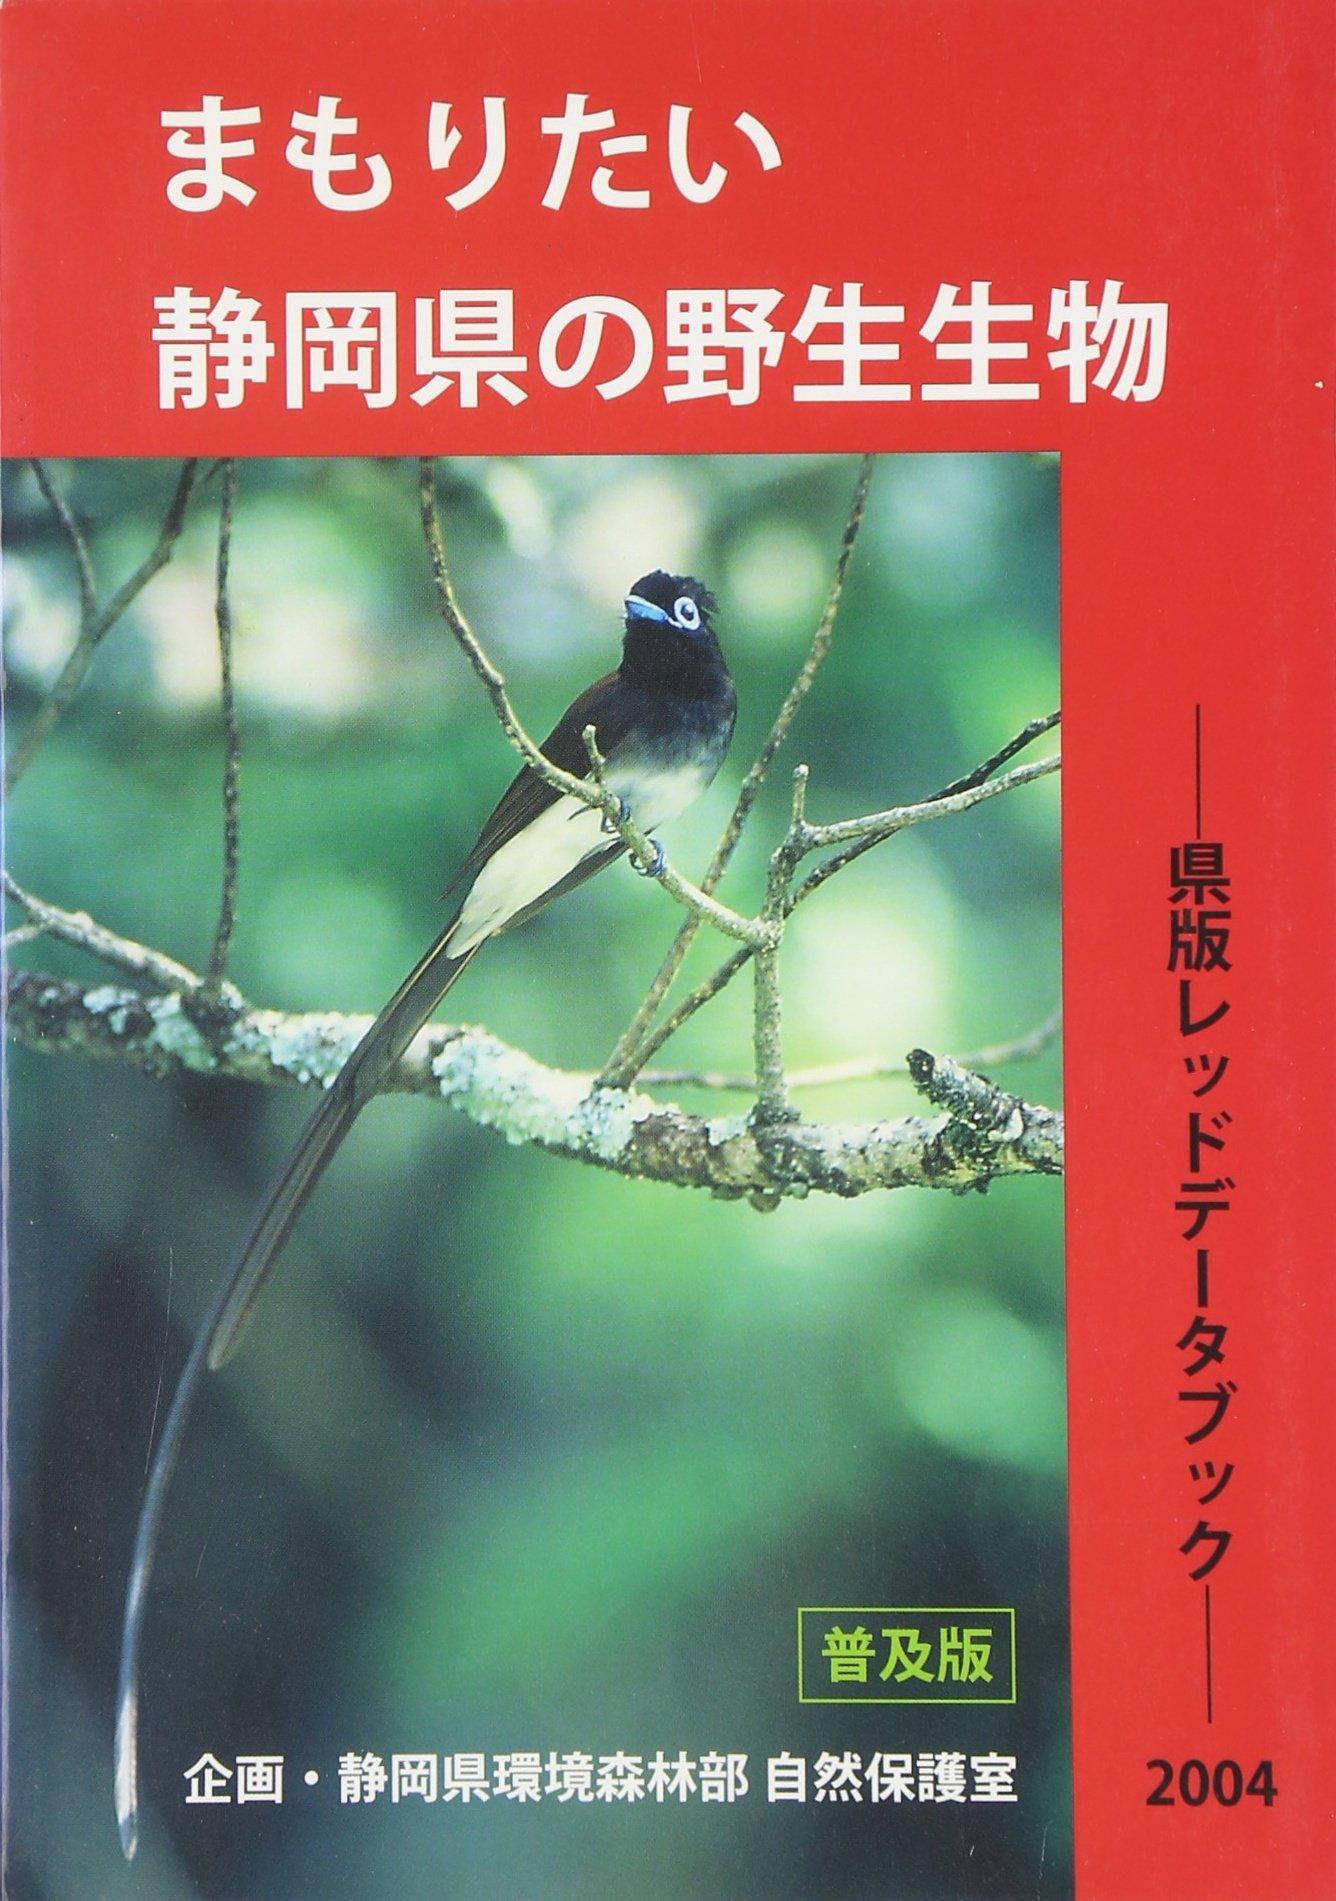 Download Mamoritai shizuokaken no yasei seibutsu : Kenban reddo dēta bukku : Fukyūban. 2004. pdf